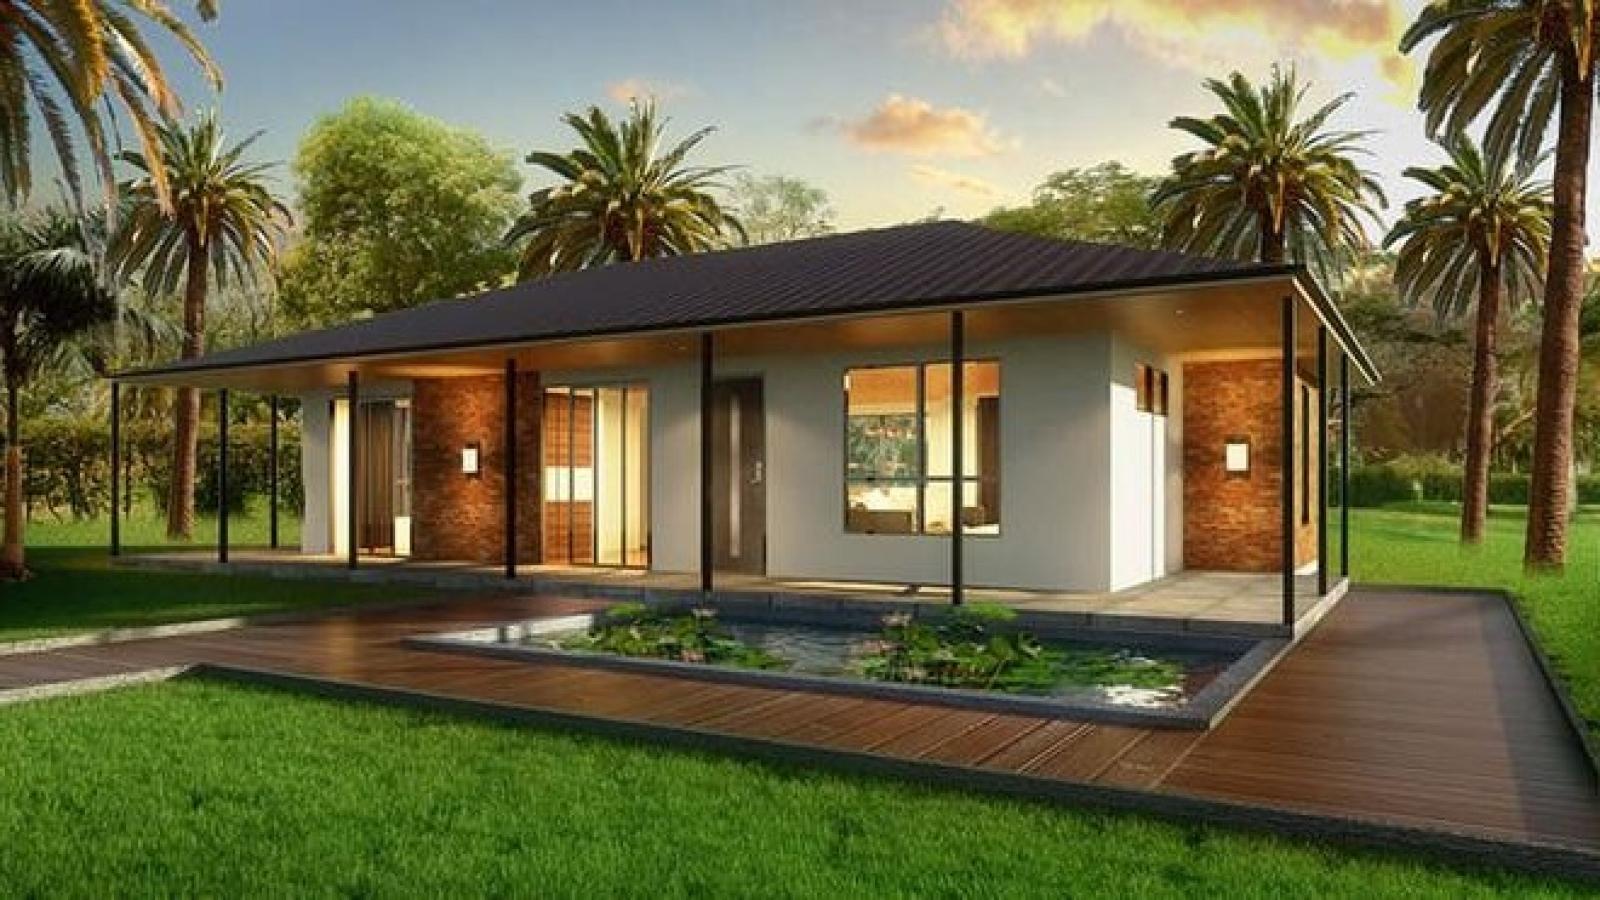 Chỉ cần bỏ ra 50 triệu đồng là đã có thể sở hữu một ngôi nhà đẹp mê ly